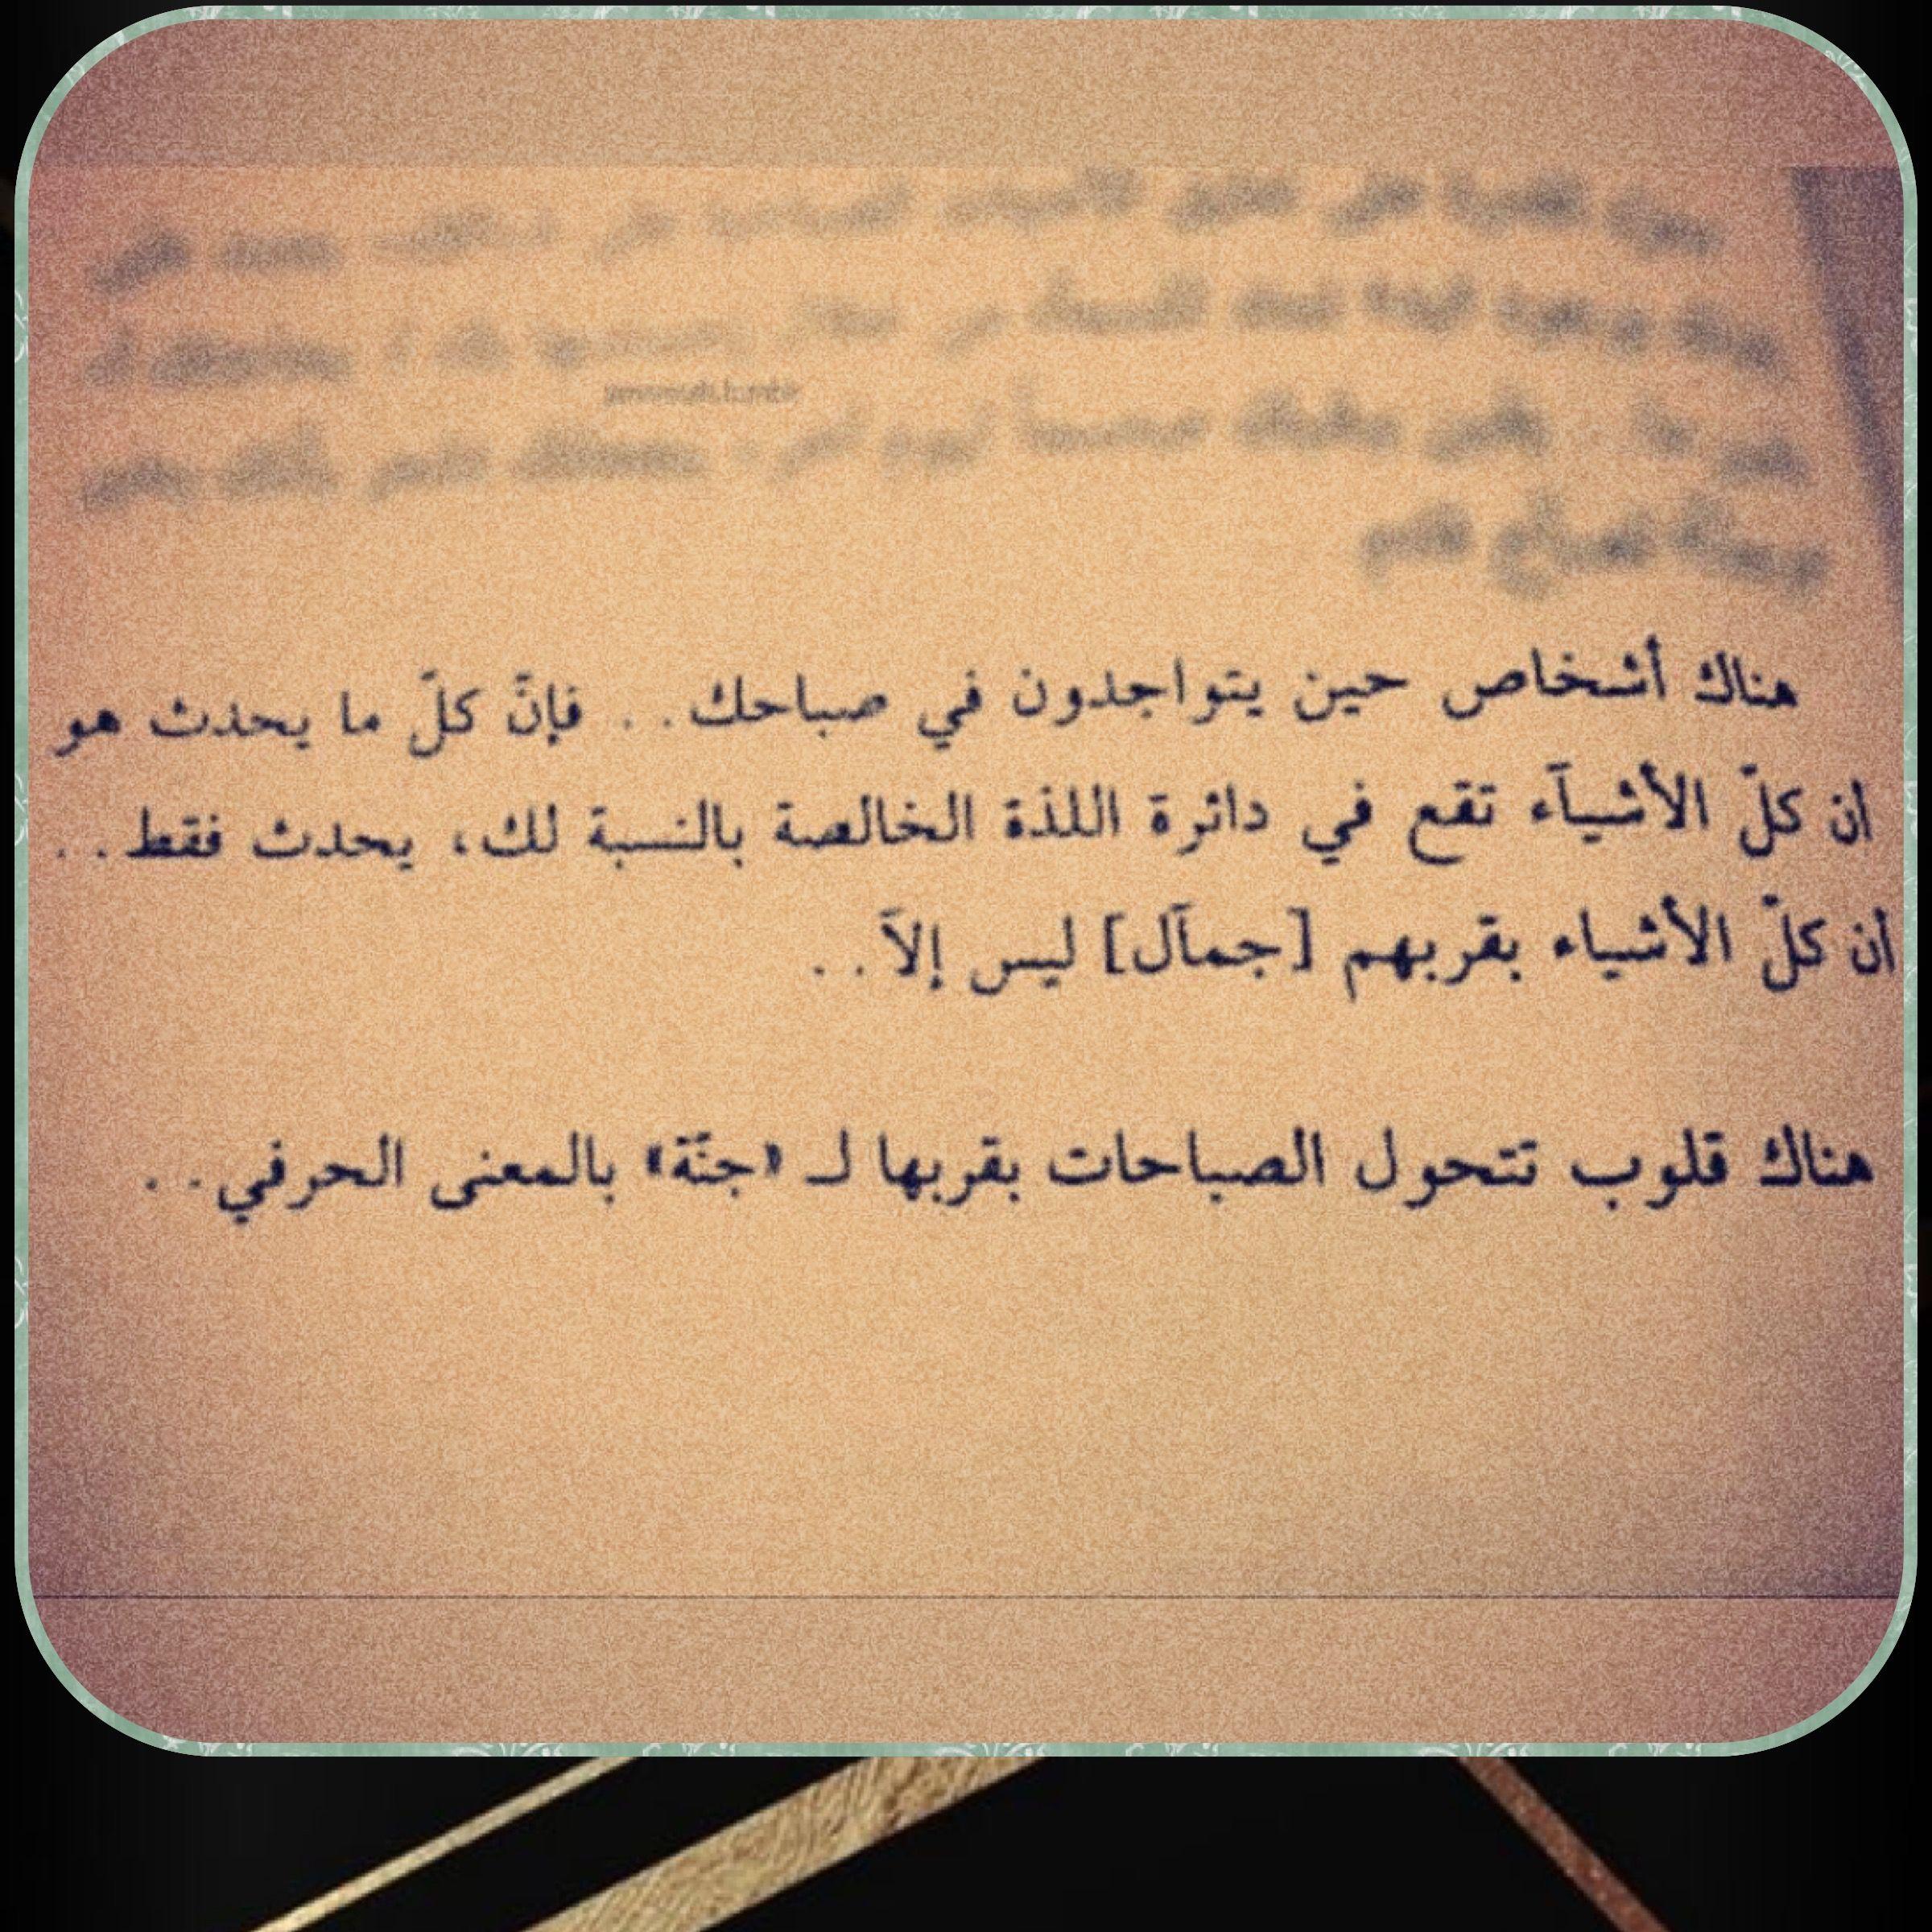 هنالك أشخاص Books Arabic Calligraphy Pics